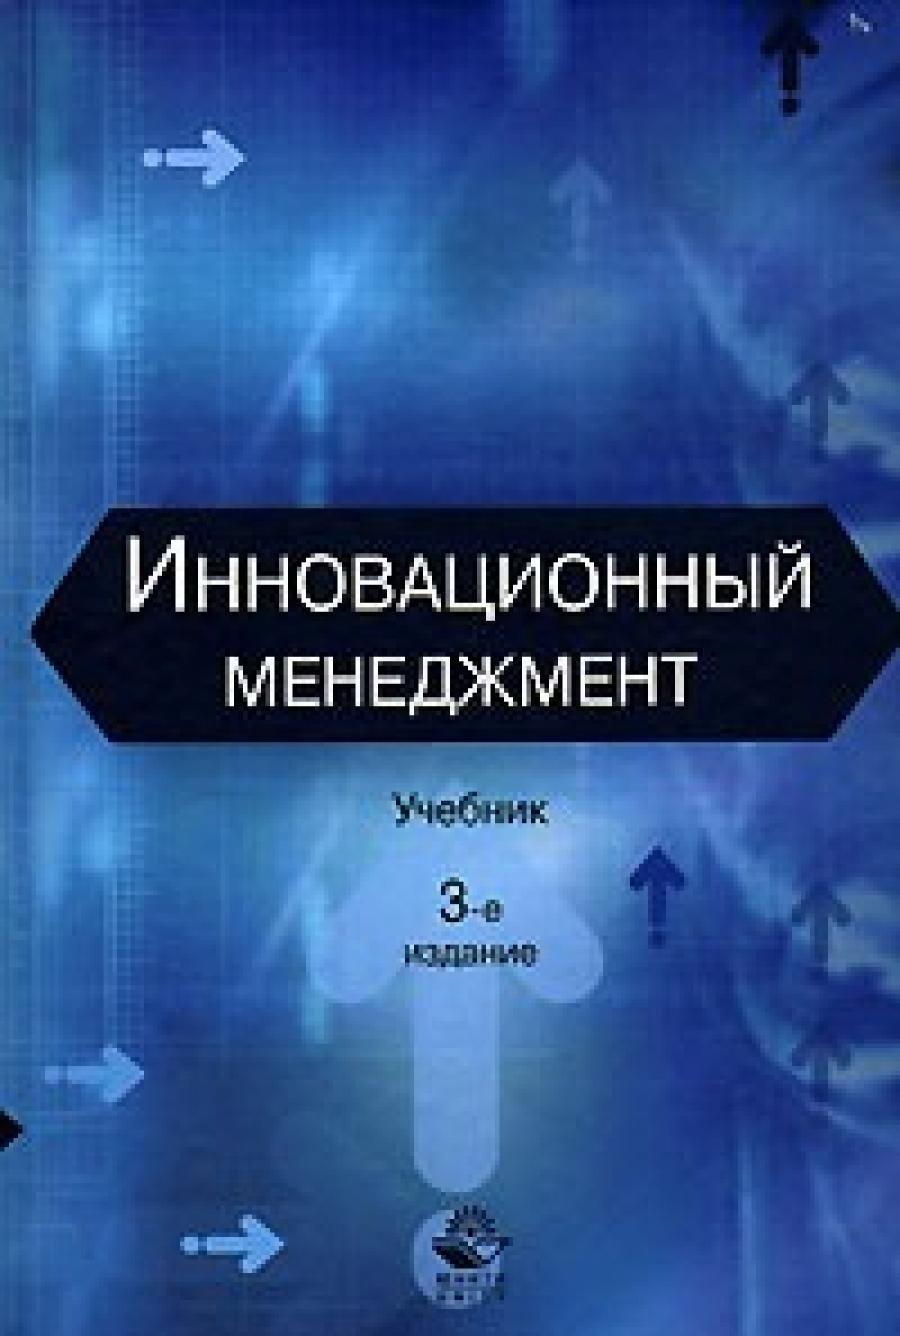 Обложка книги:  гринев в.ф. - инновационный менеджмент (2-е издание).